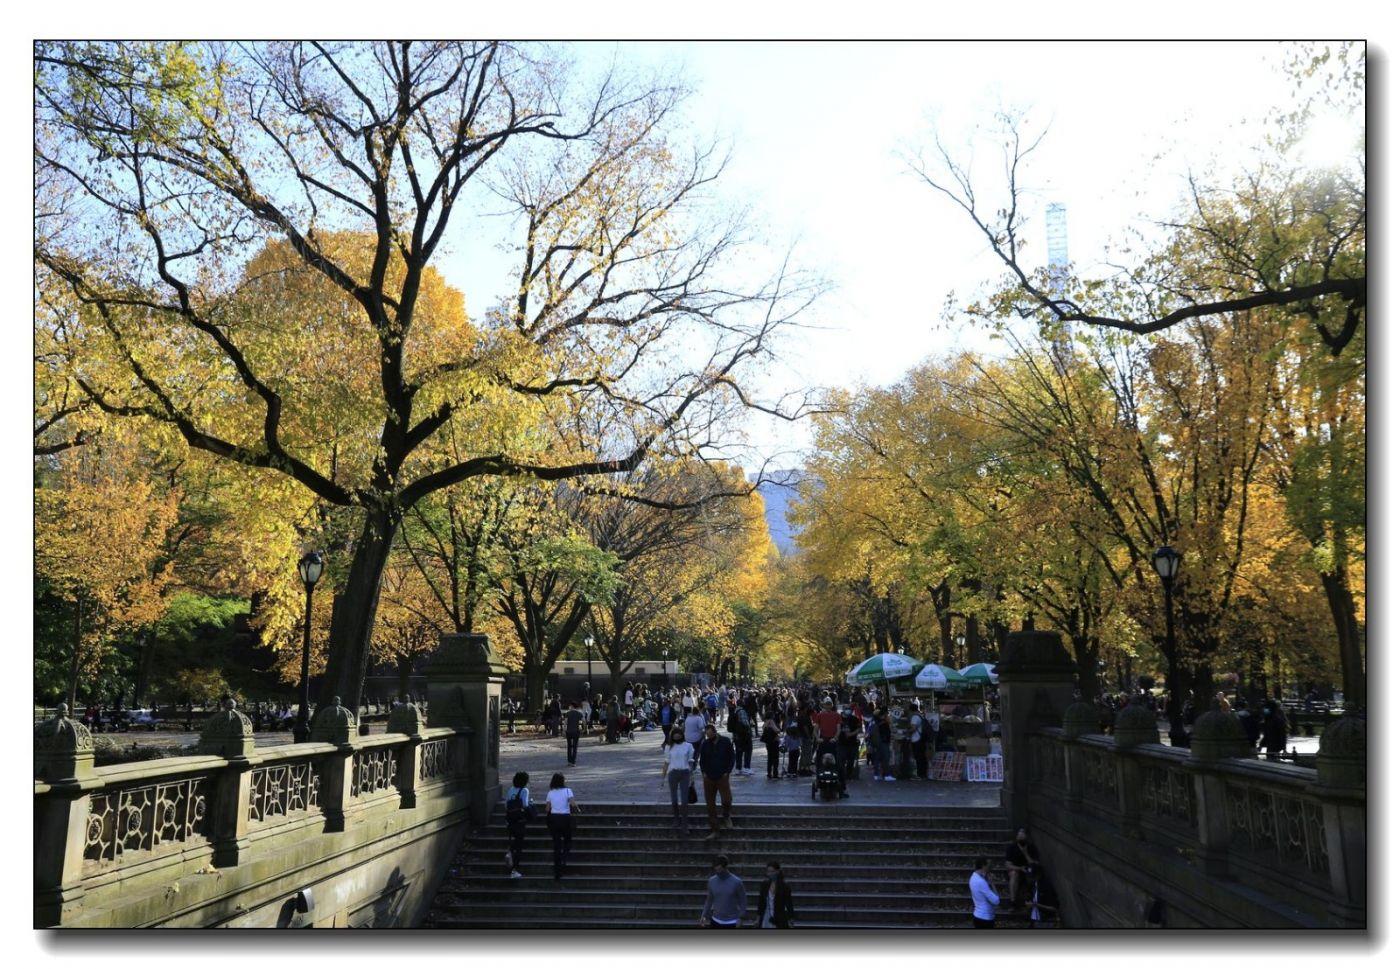 深秋色彩-中央公园1_图1-20